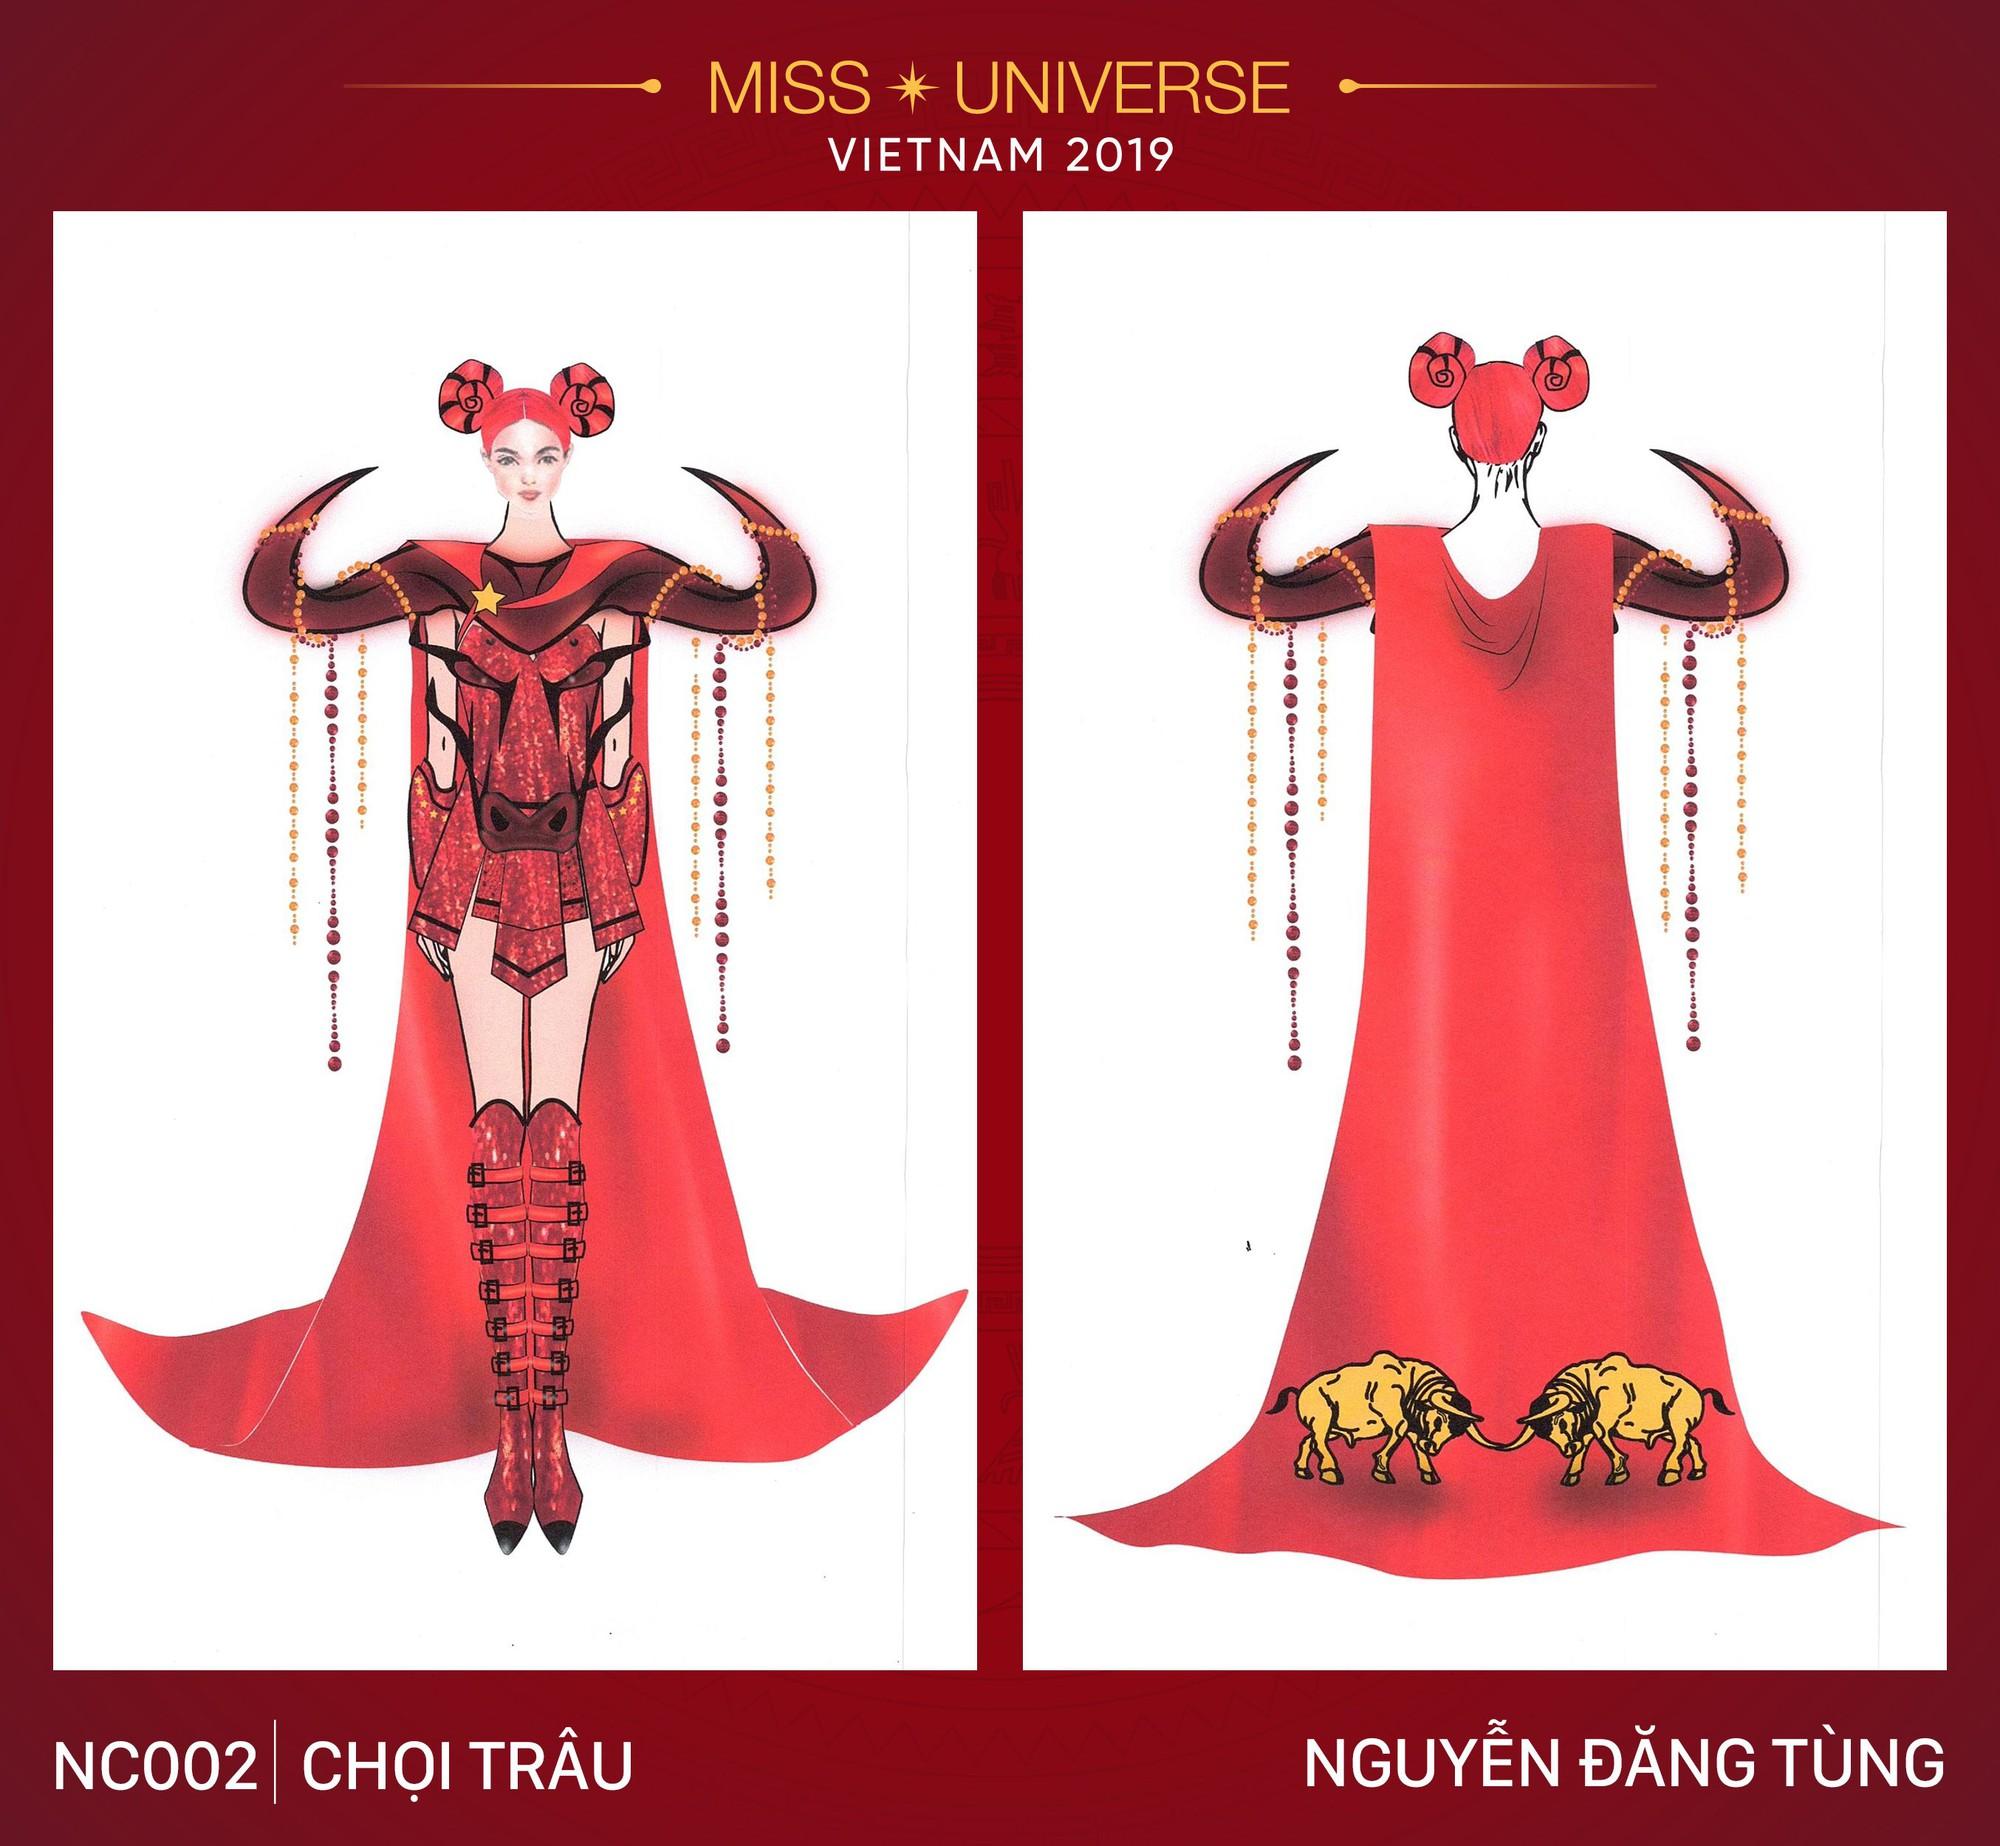 Xích lô, cà phê sữa đá, toà nhà 81 tầng trở thành cảm hứng cho trang phục dân tộc của Hoàng Thùy tại Miss Universe 2019 - Ảnh 2.